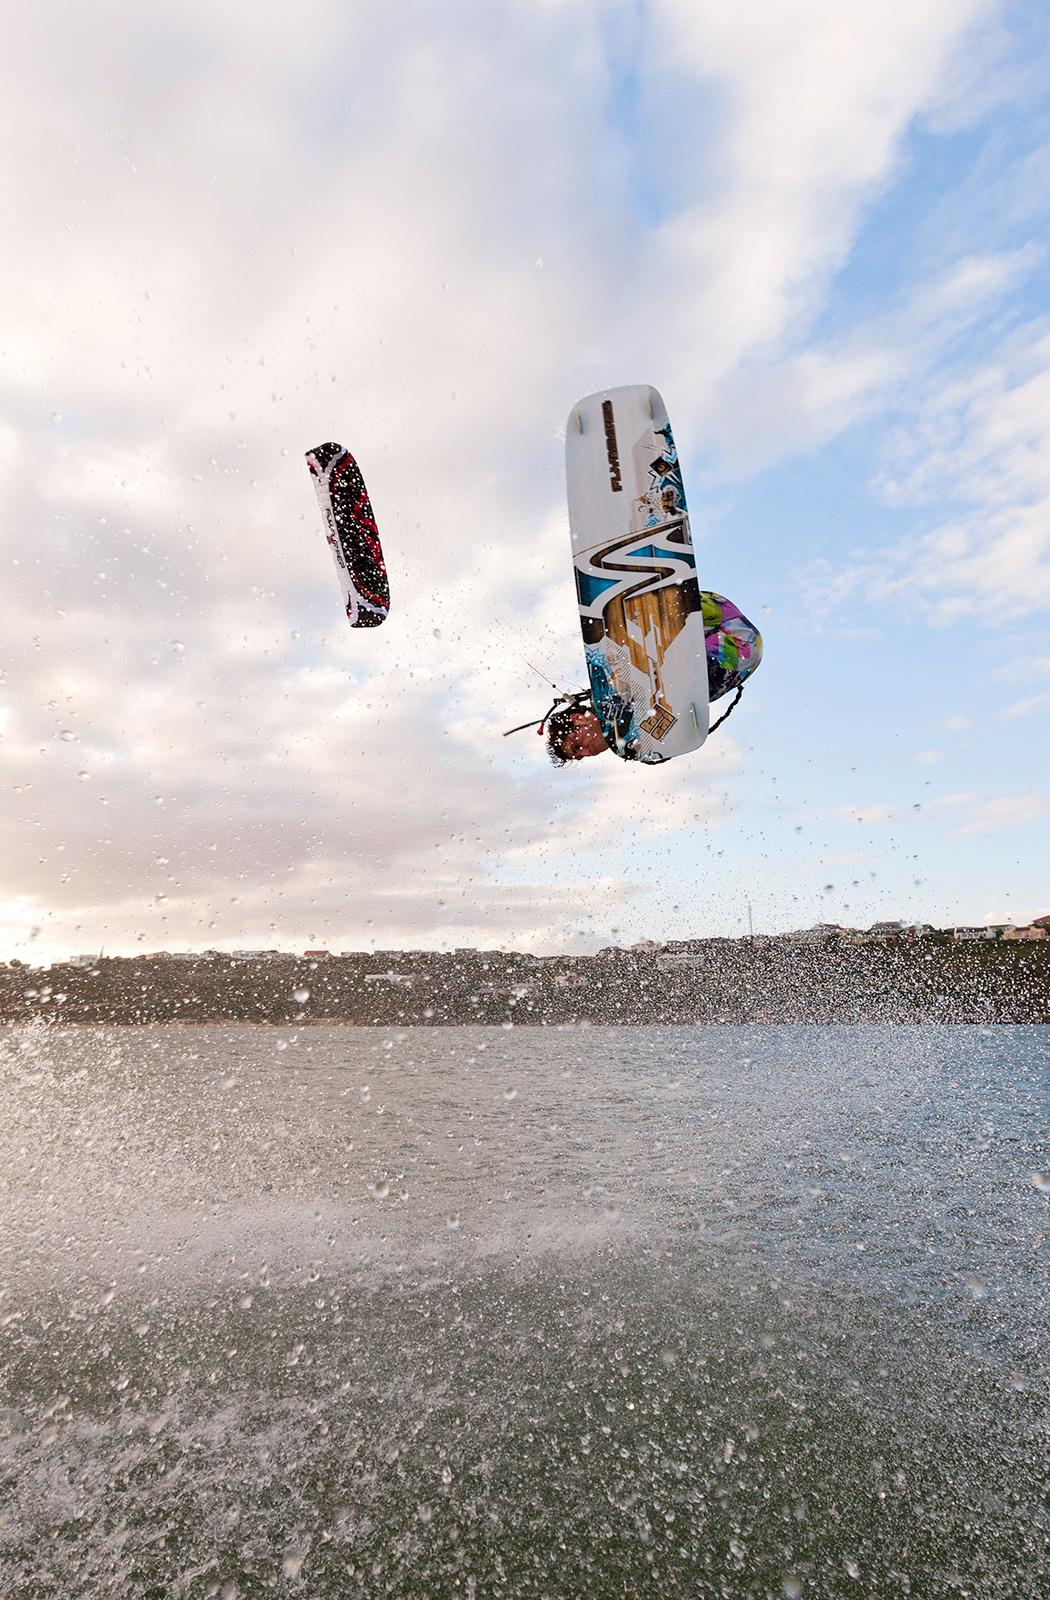 SPEED4 8.0 & 10.0 - Flysurfer Kiteboarding